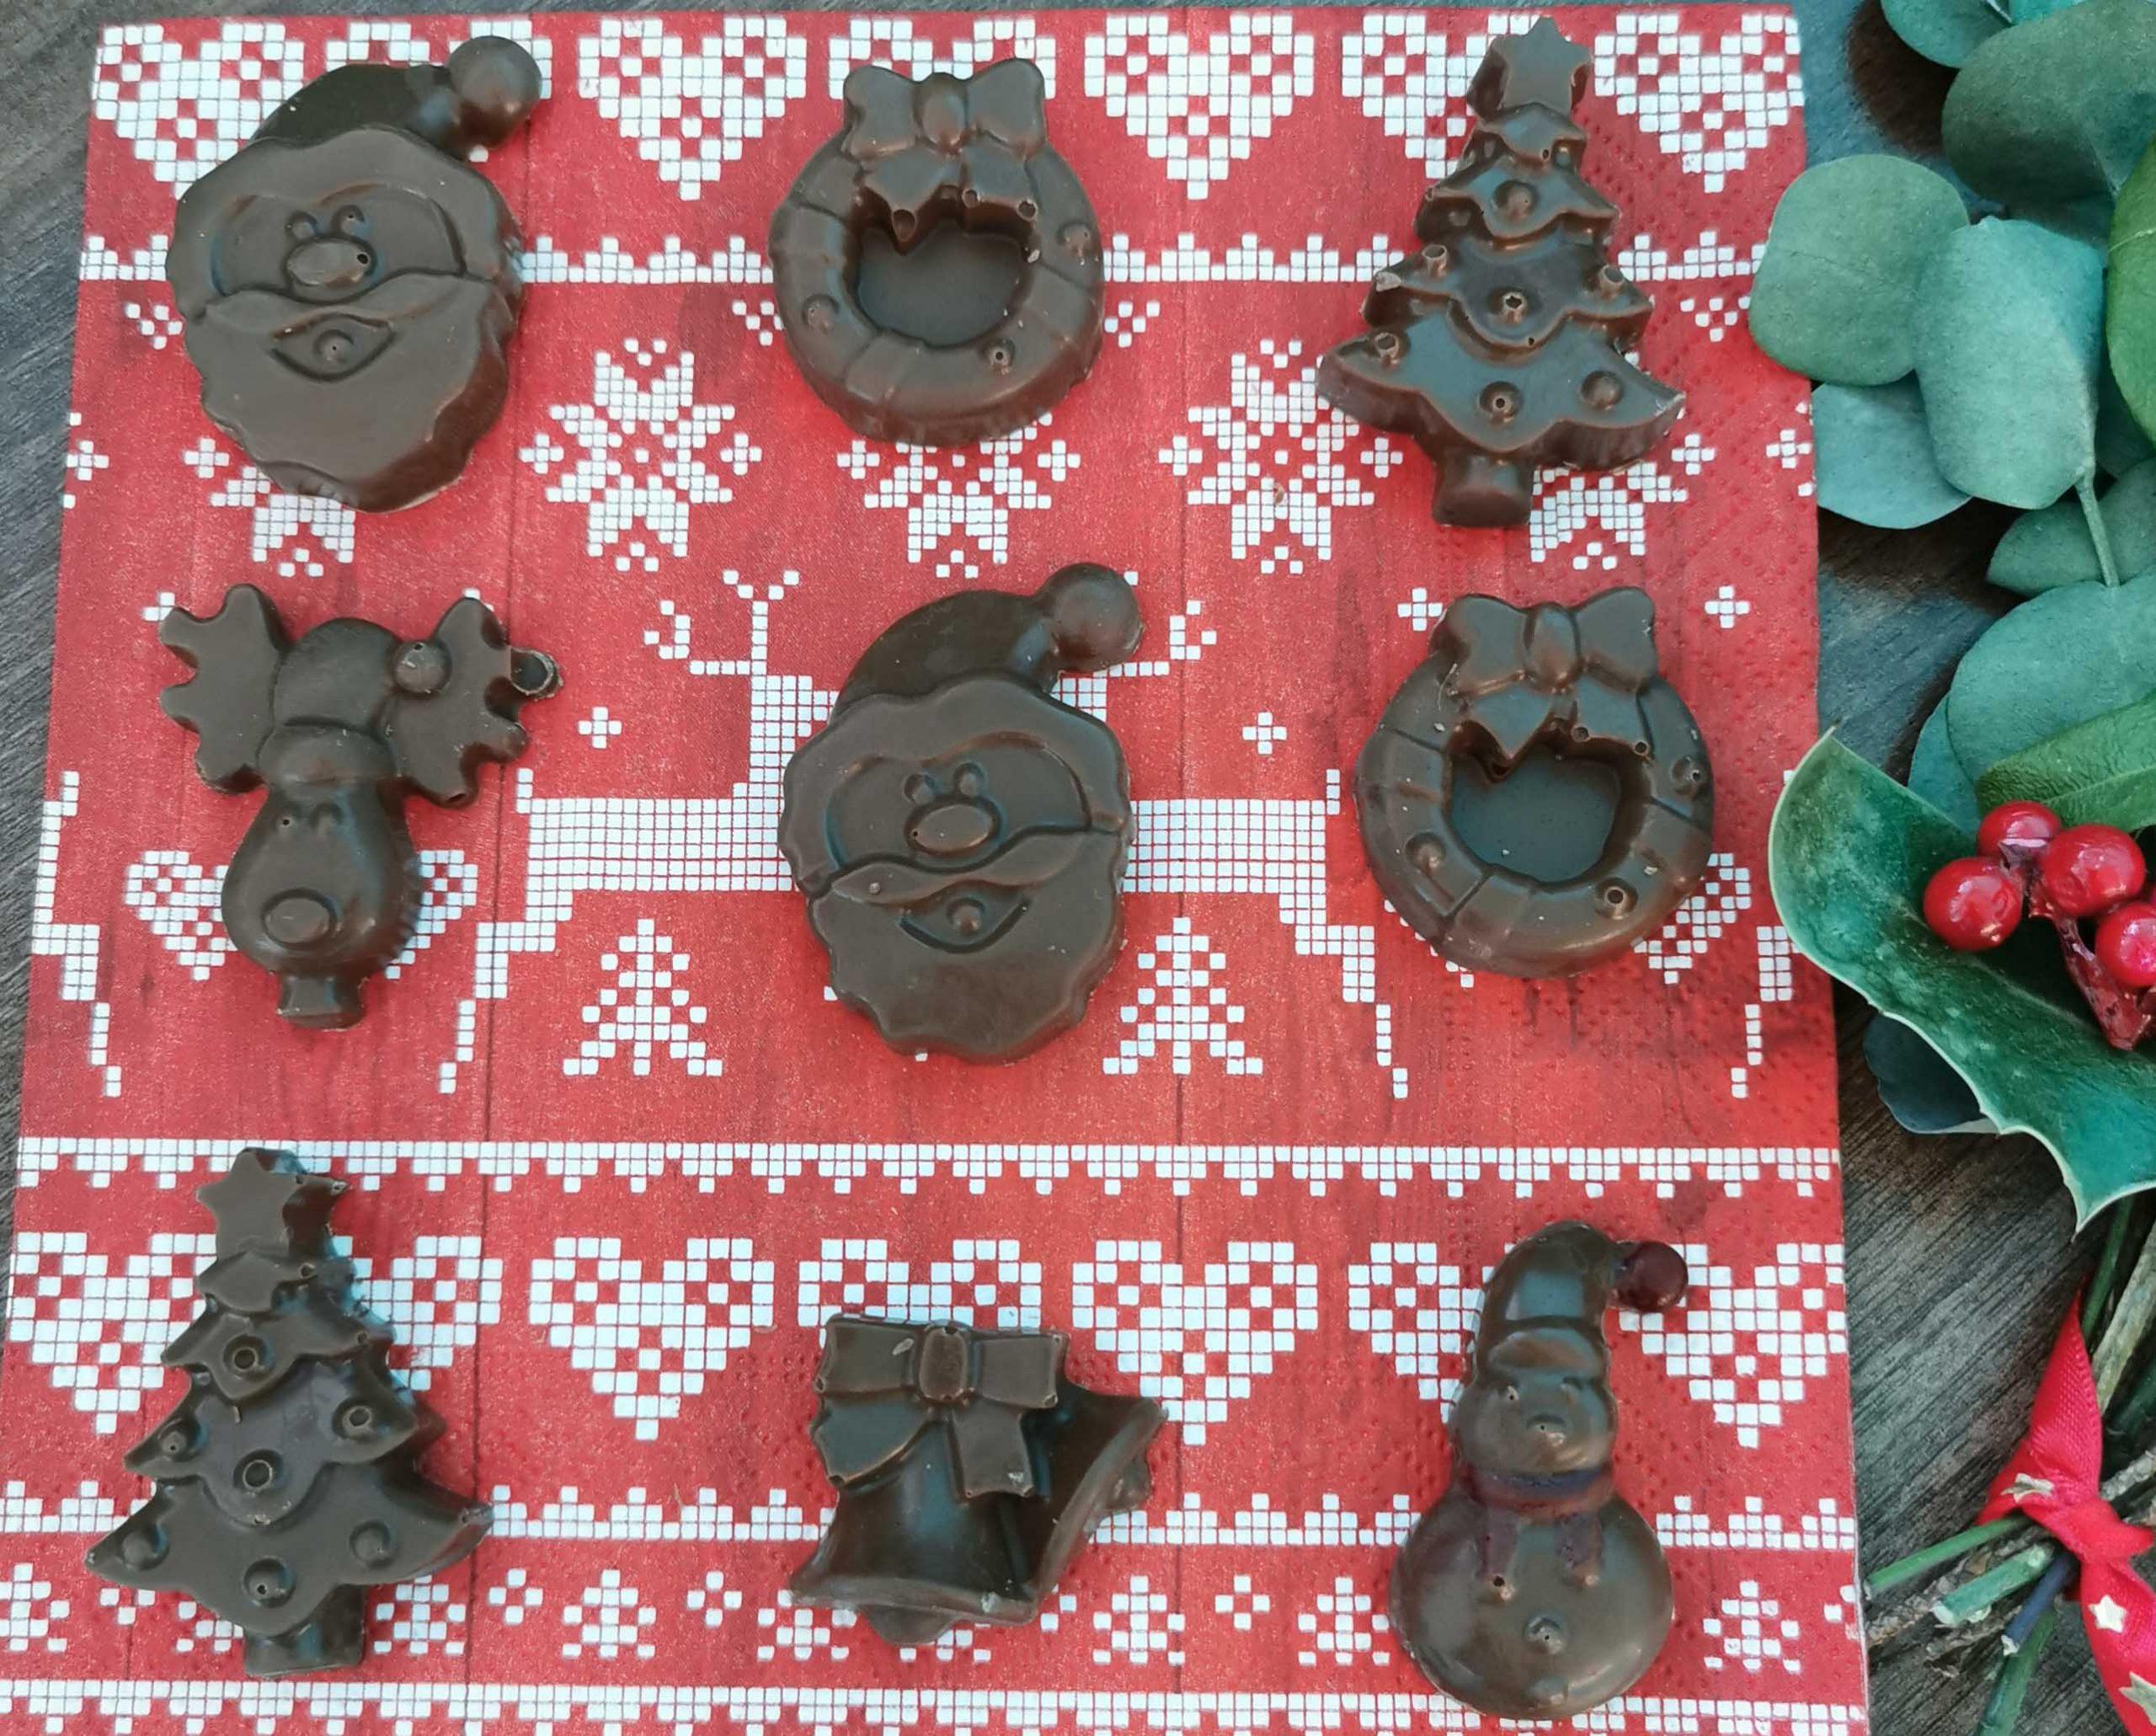 9 kerstchcolaatjes zoalas een kerstman en een kerstboom